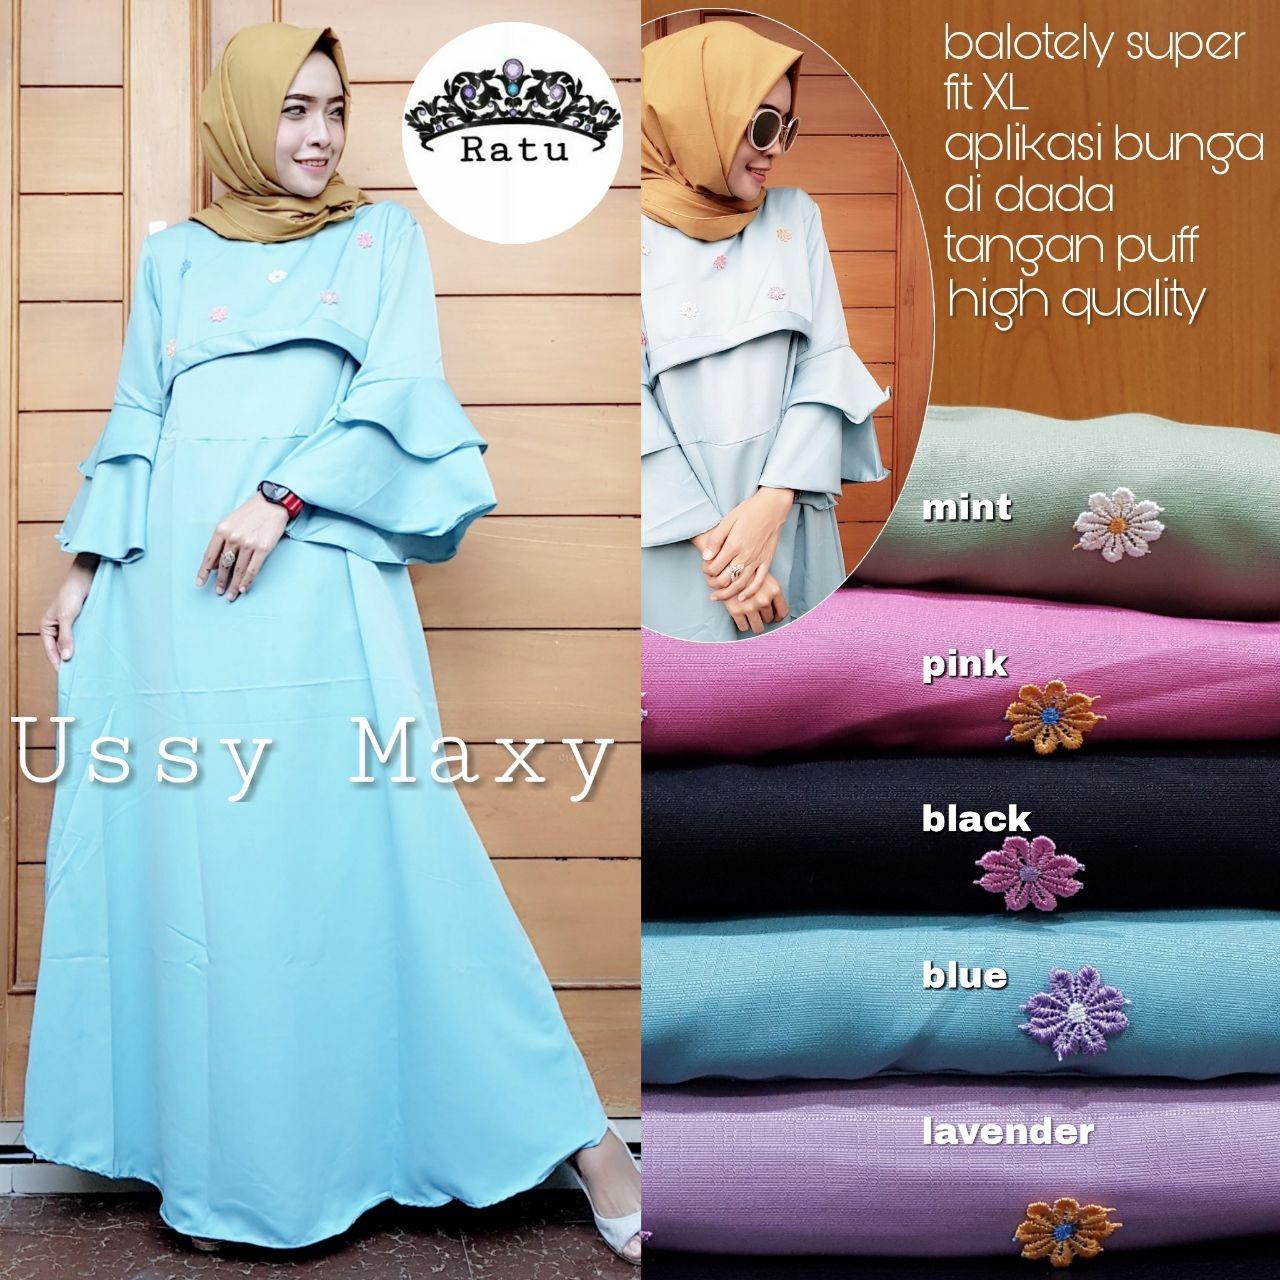 Ummiinna Fashionline Jual Baju Muslim Gamis Murah Di Binjai